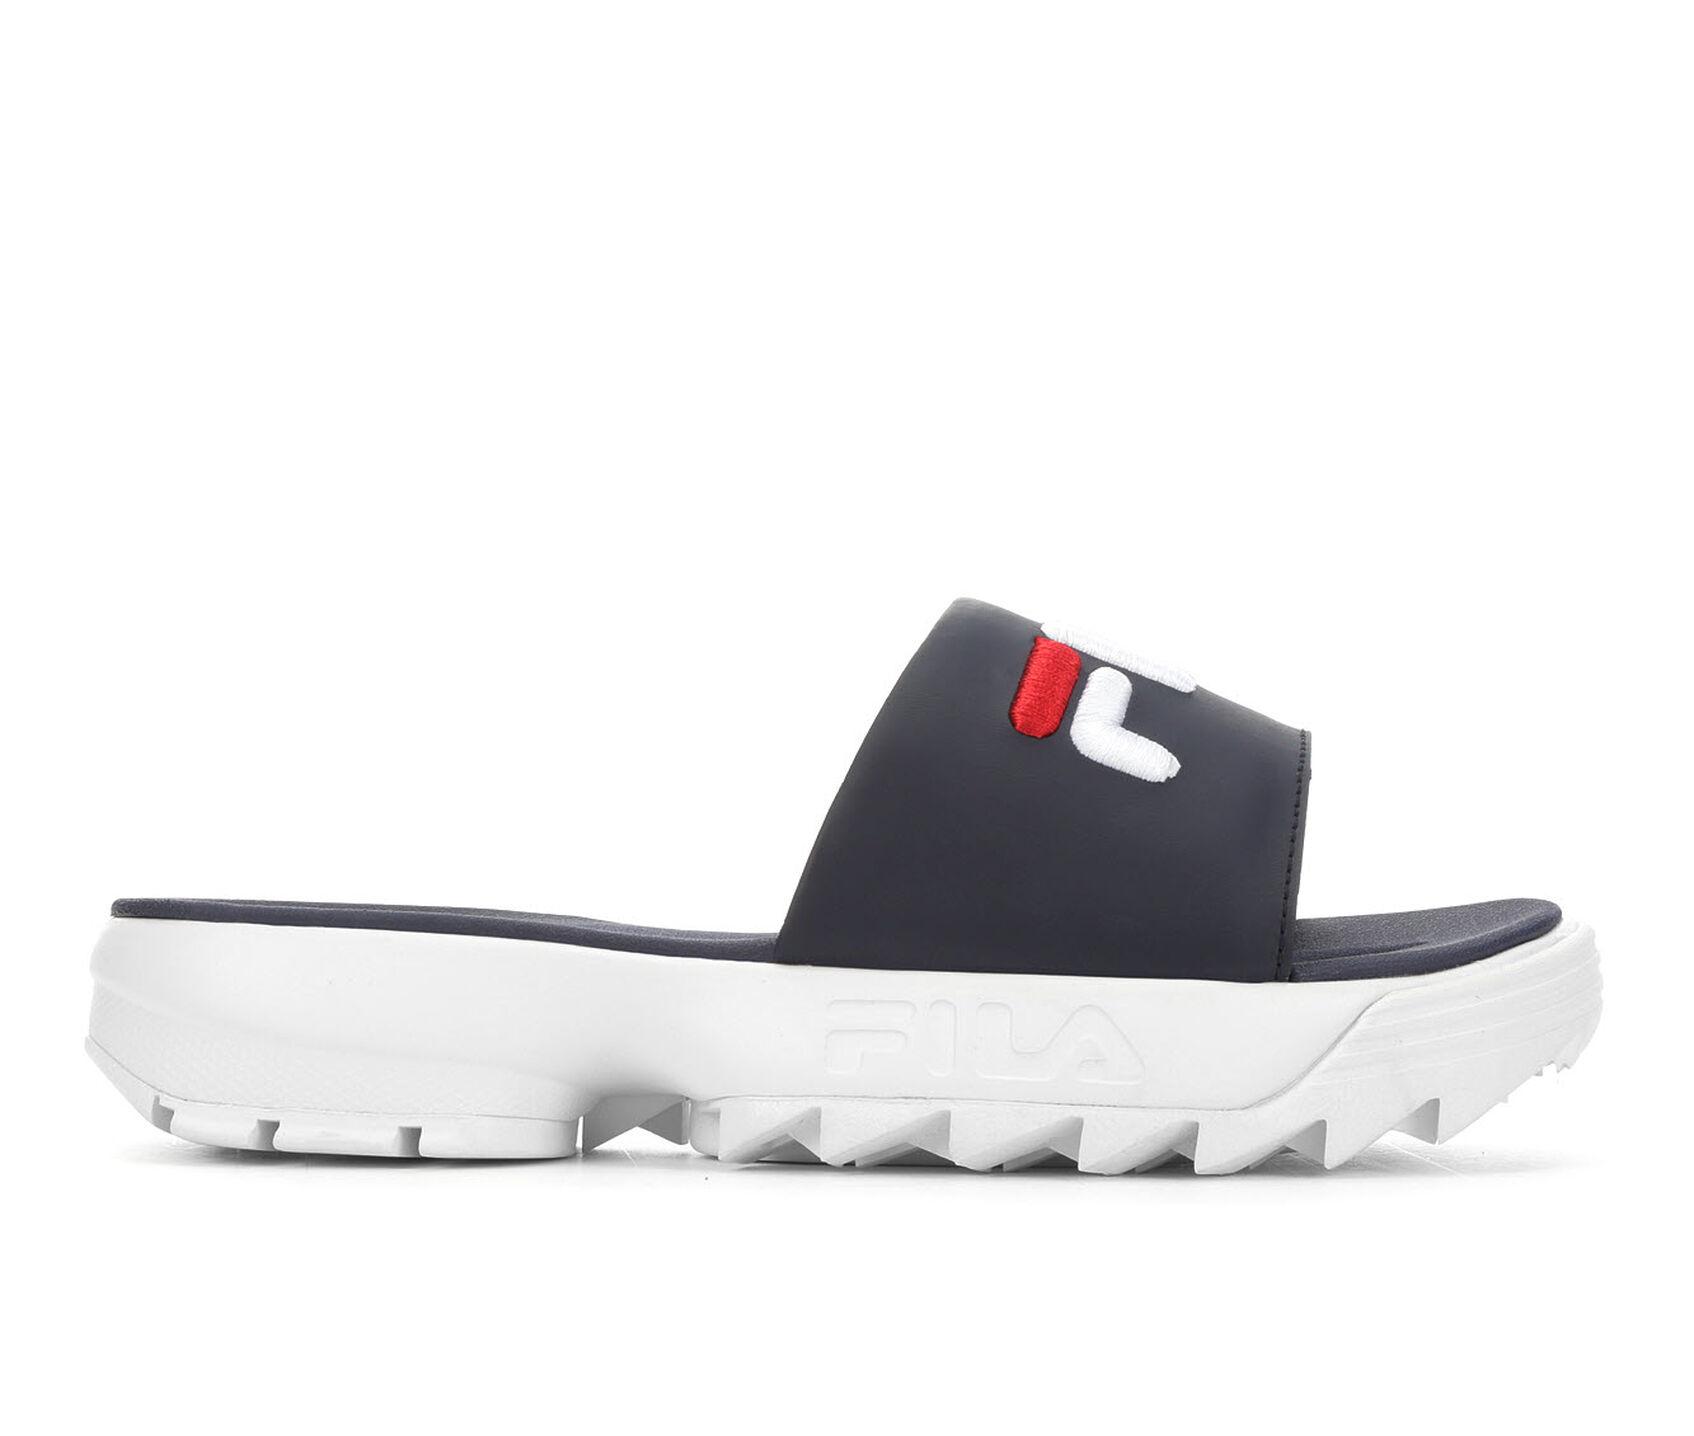 b52b1308048f7 Women's Fila Disruptor Bold Slide Flatform Sandals